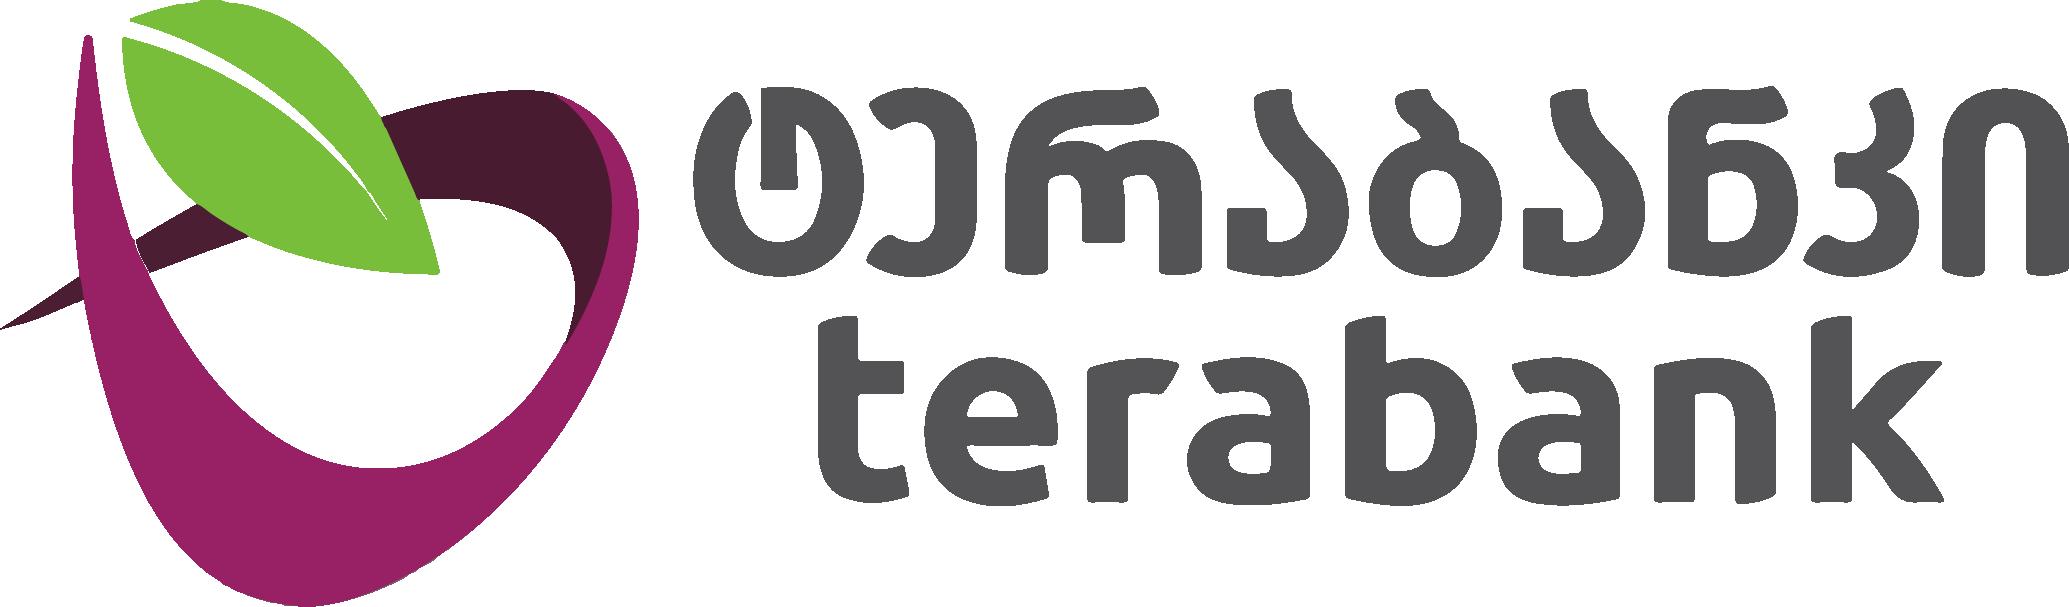 ტერაბანკი - აიღე სესხი terabank.ge-ზე